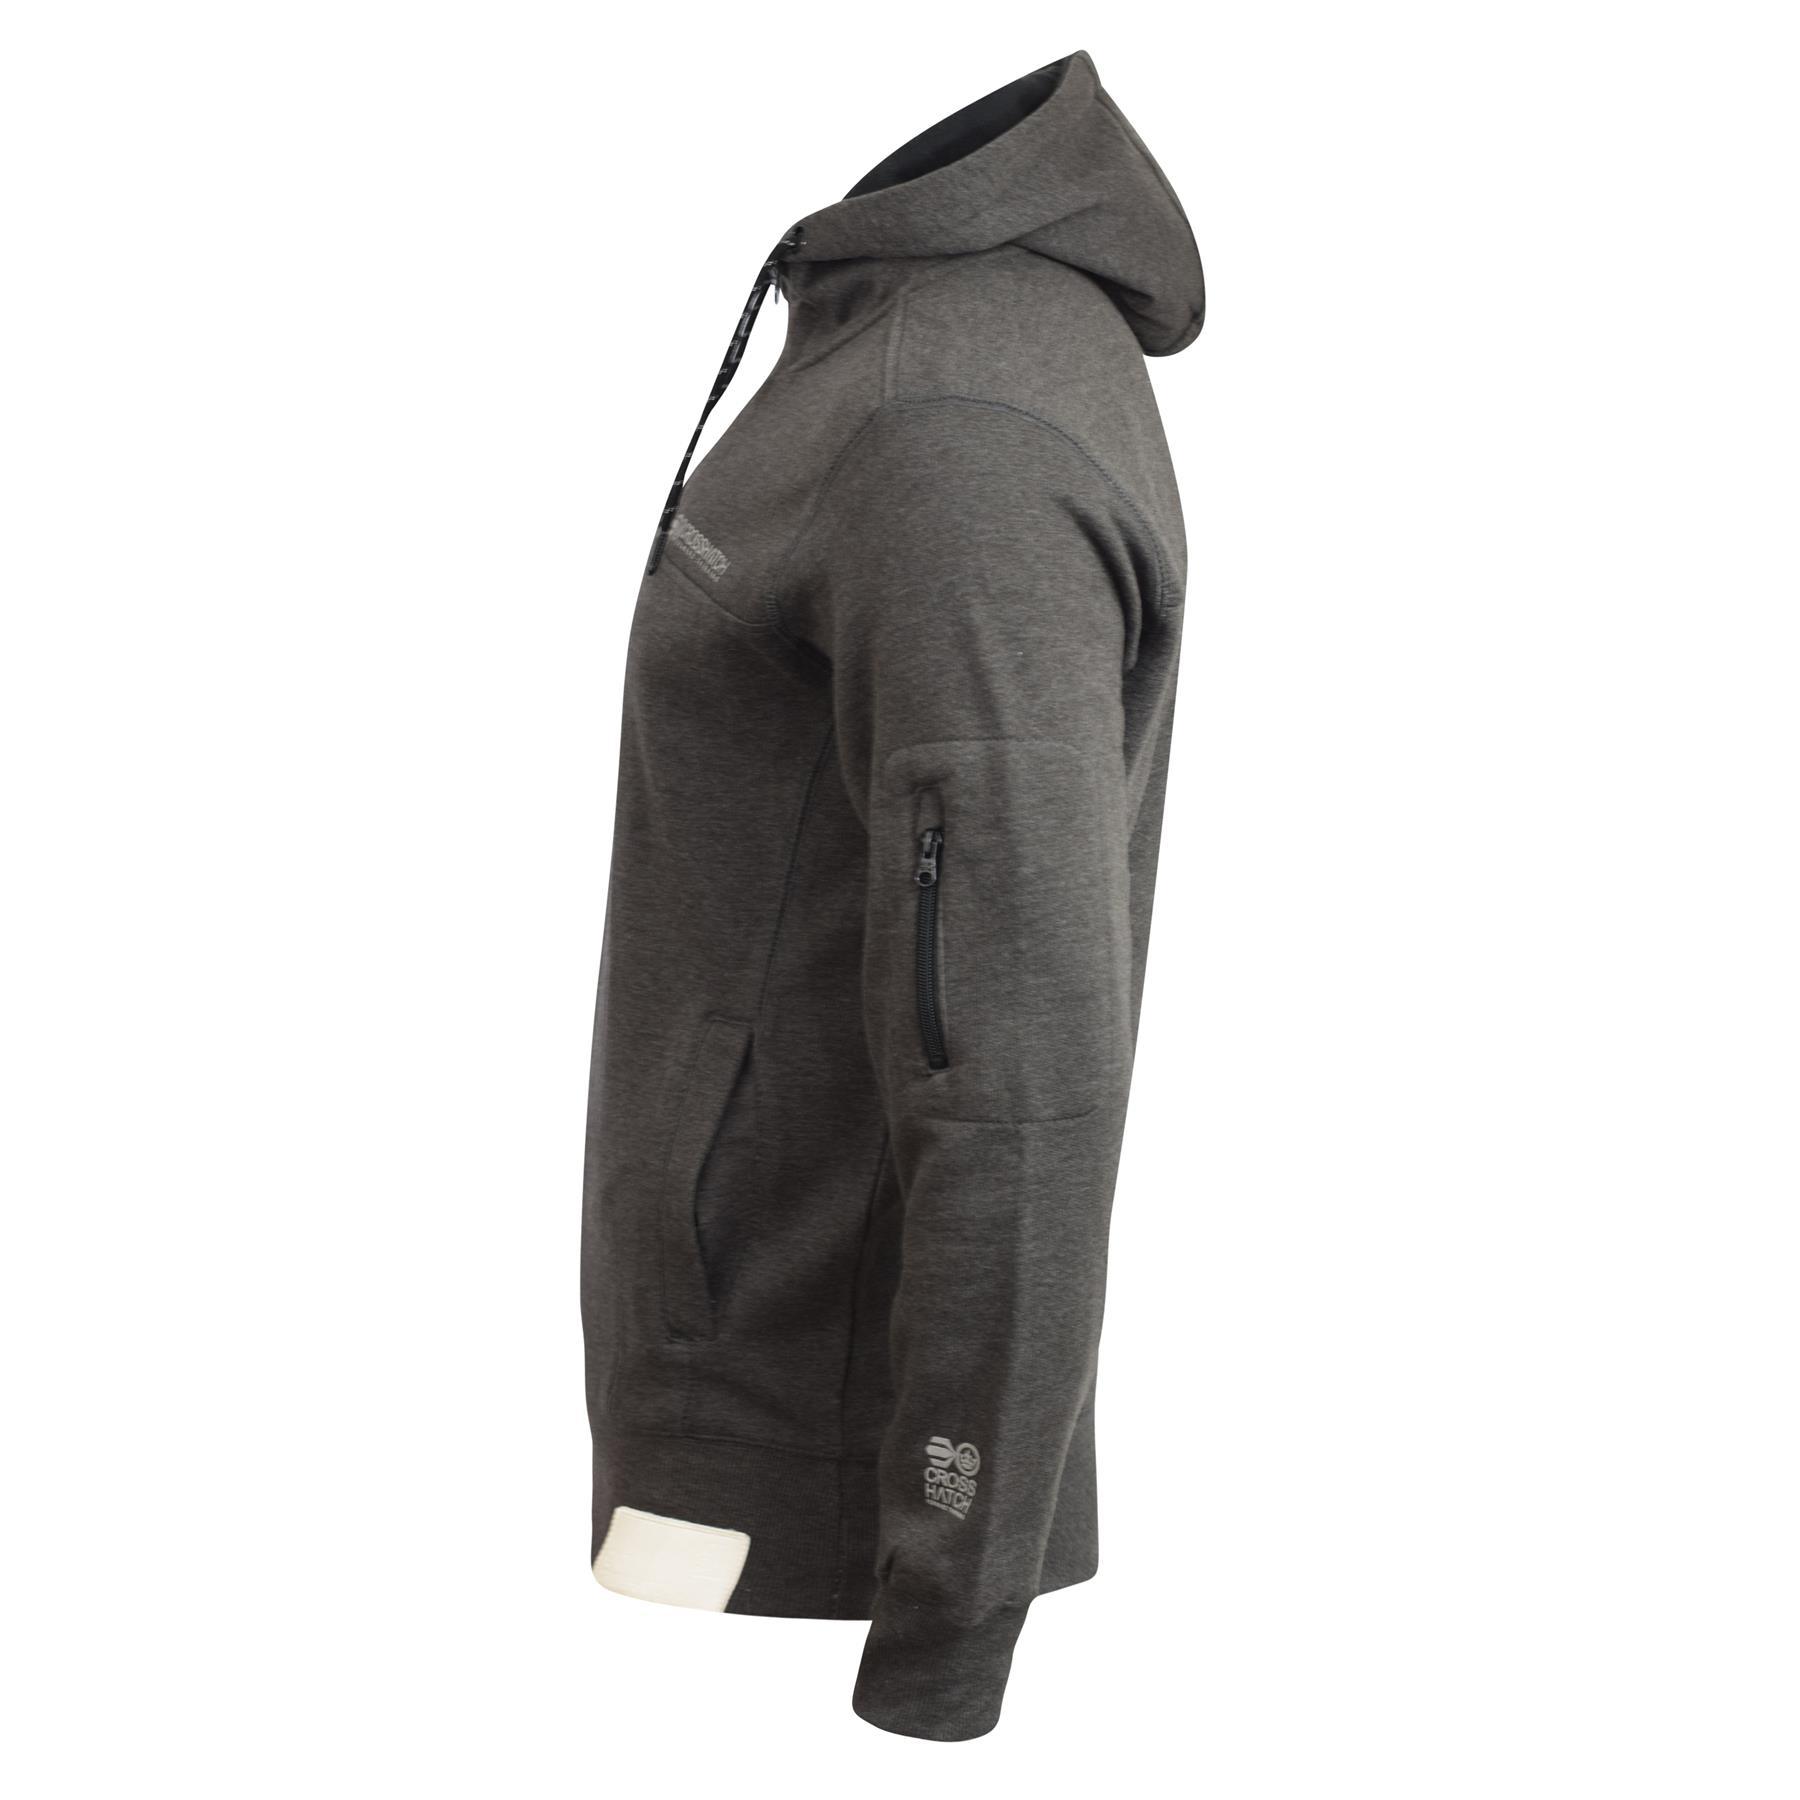 Mens-Hoodie-Crosshatch-Cravy-Sweatshirt-Hooded-Top thumbnail 3